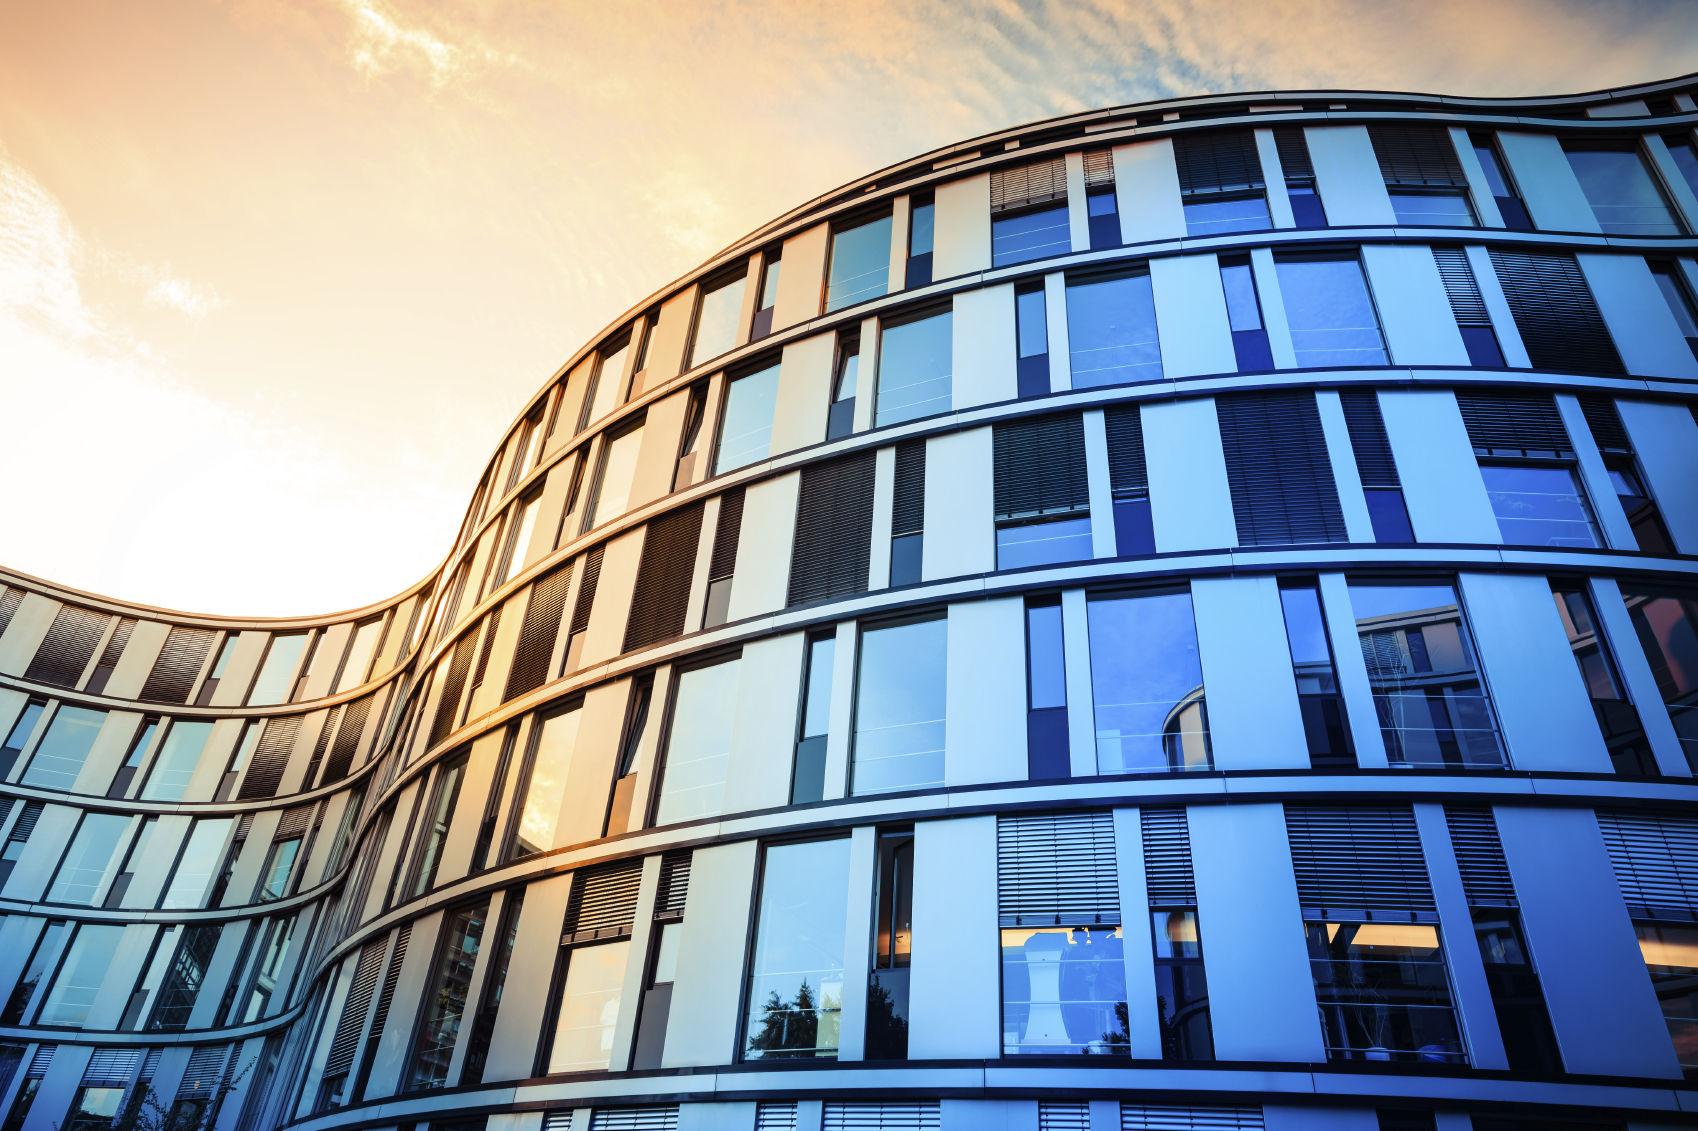 Gebäude mit Glasfassade